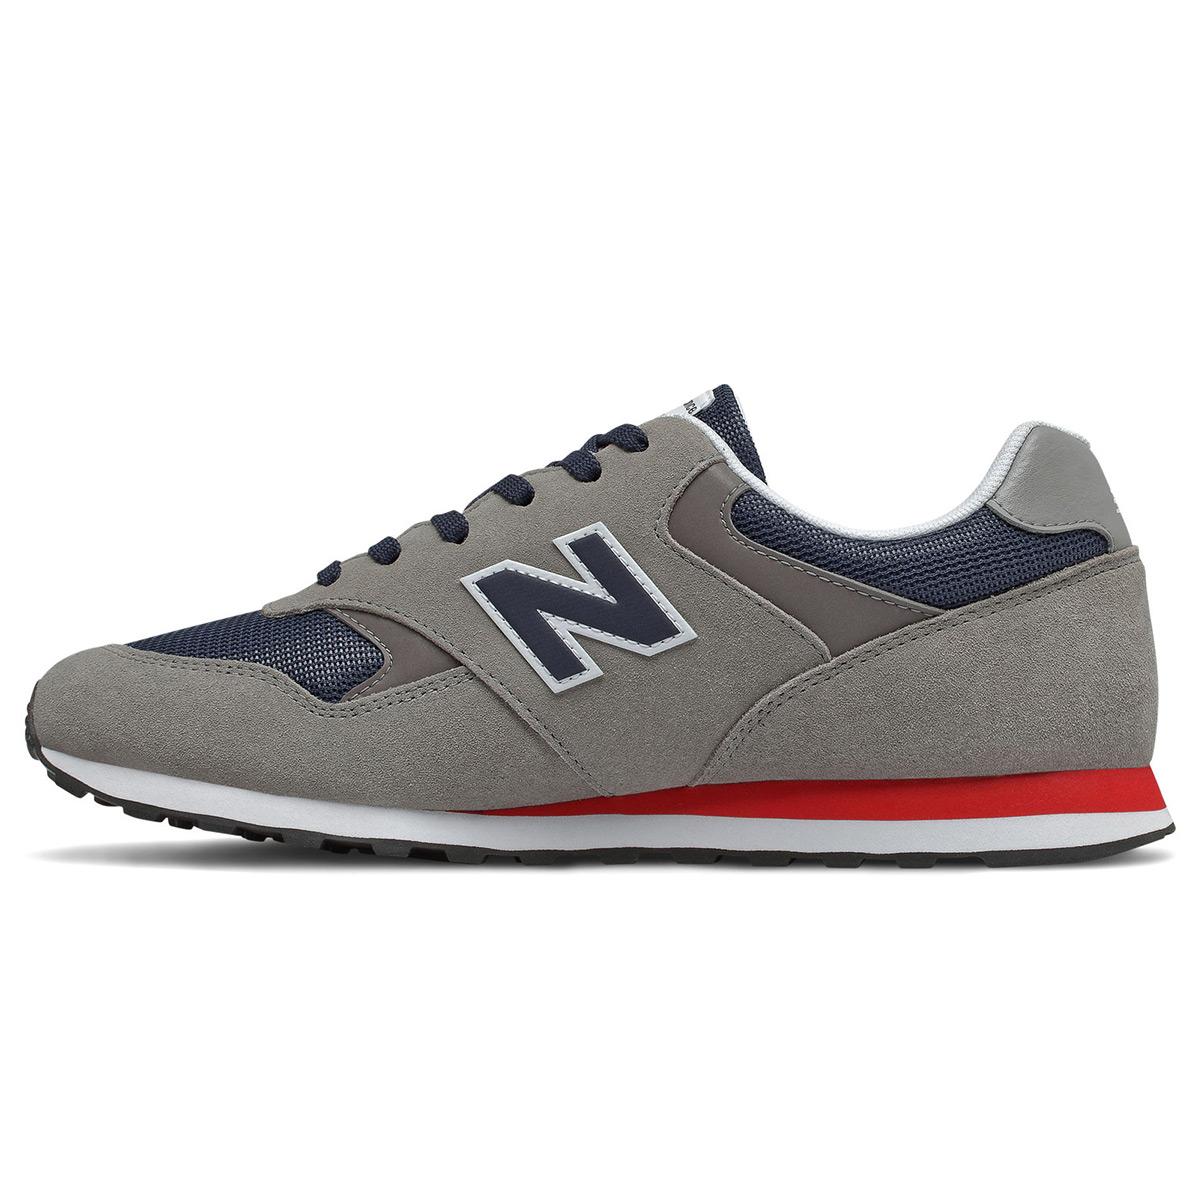 Sélection de chaussures New Balance en promotion - Ex : ML393 D (en cuir, taille 39.5)